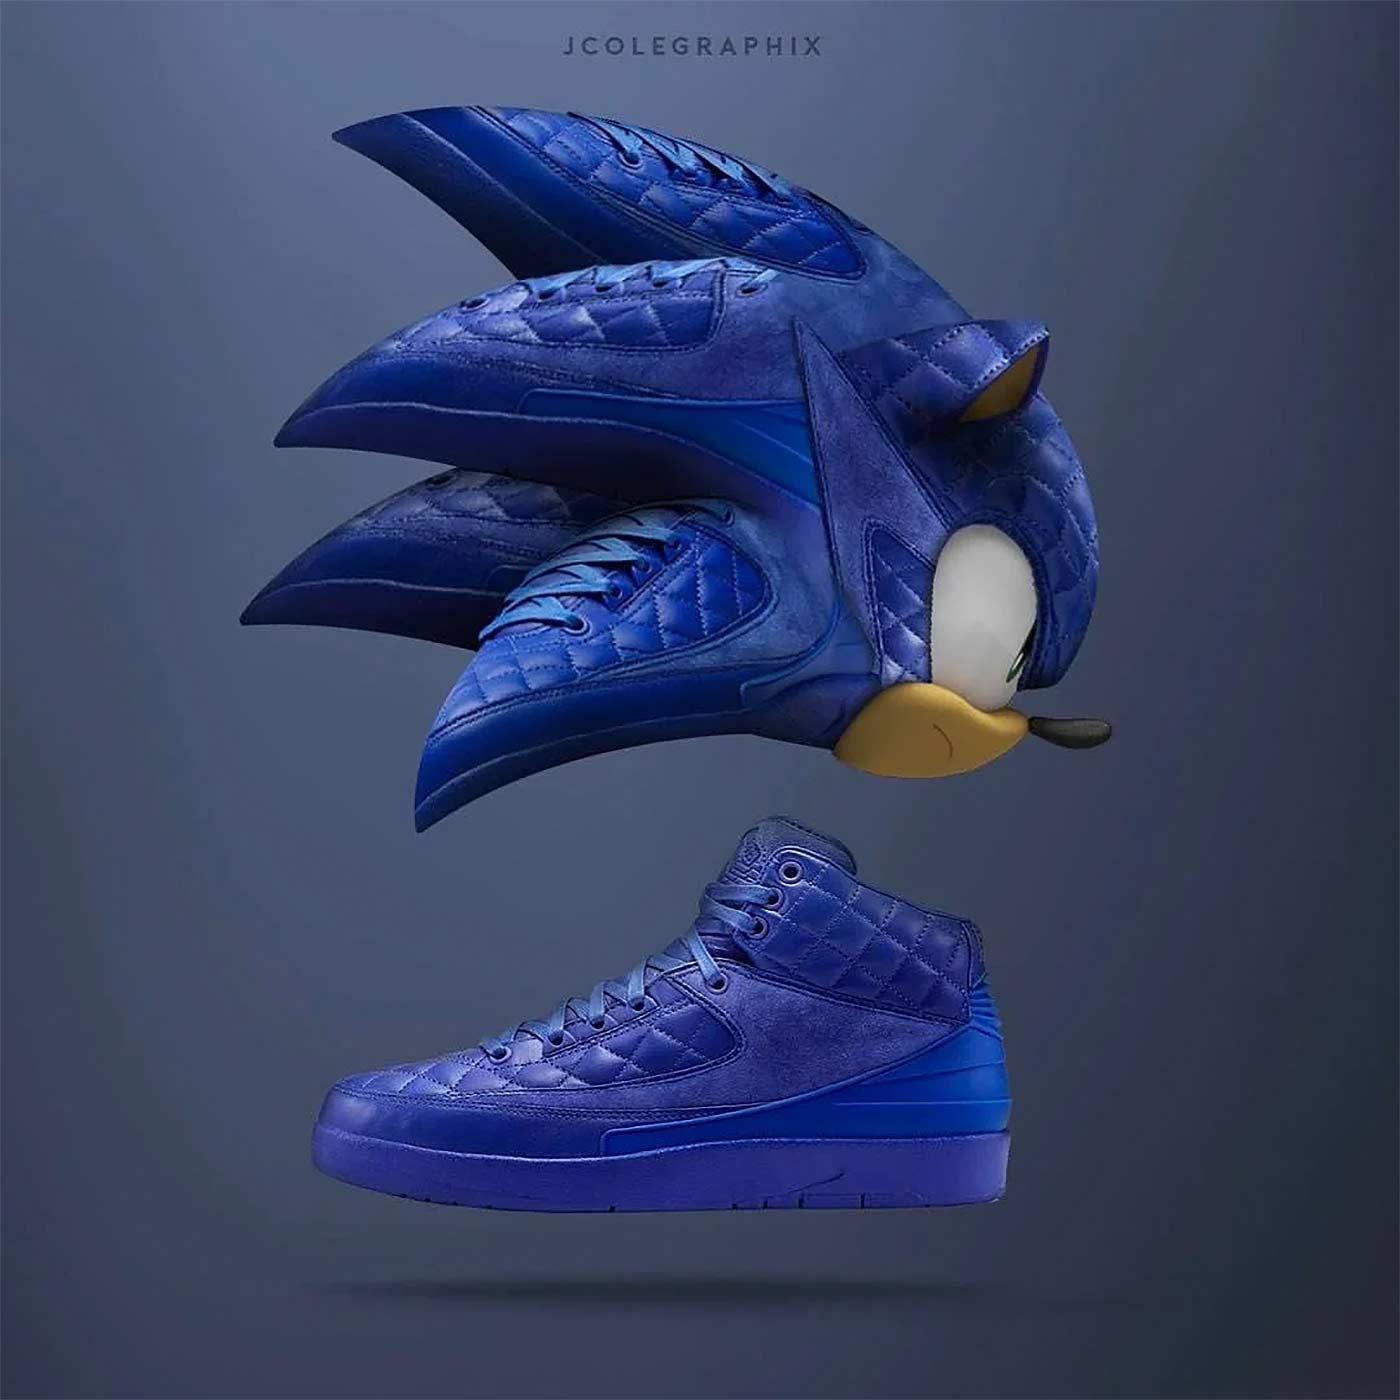 Popkultur-Sneaker von Jeff Cole popkultursneaker-jeff-cole_07